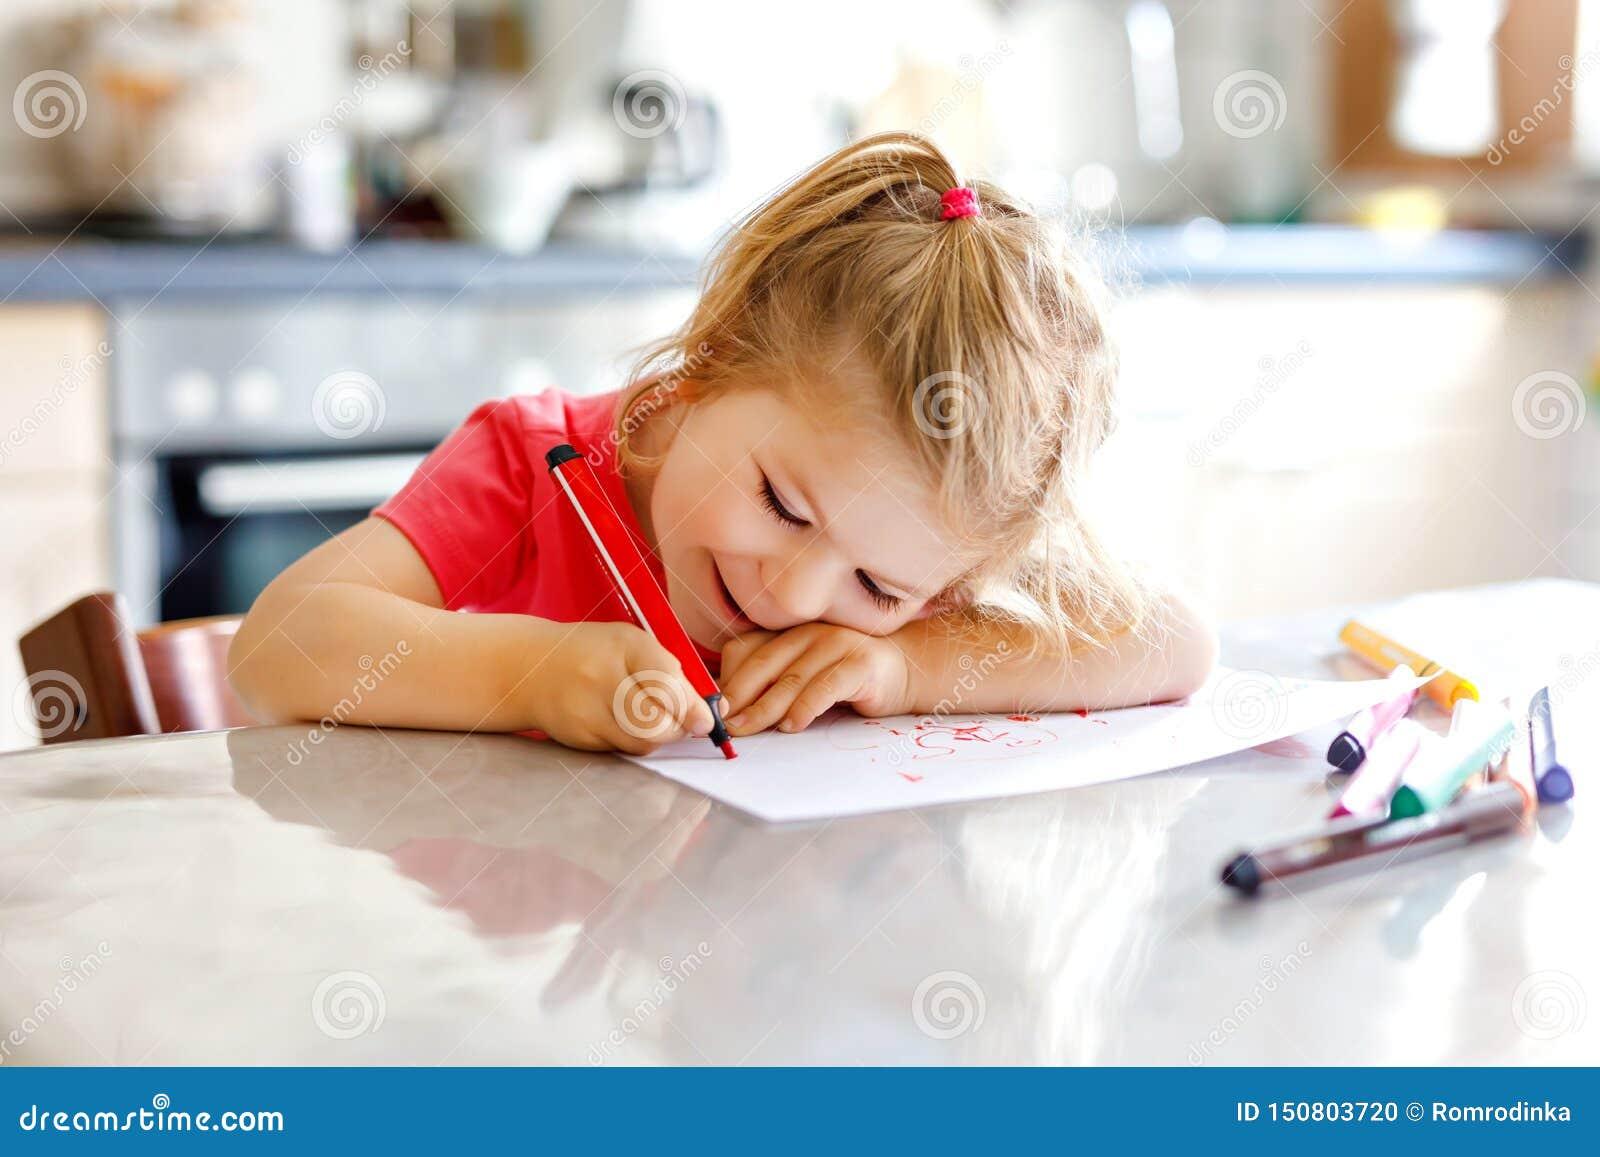 Śliczny mały dziecko berbecia dziewczyny obraz z kolorowymi ołówkami w domu Uroczy zdrowy szczęśliwy dziecko uczenie rysunek obok